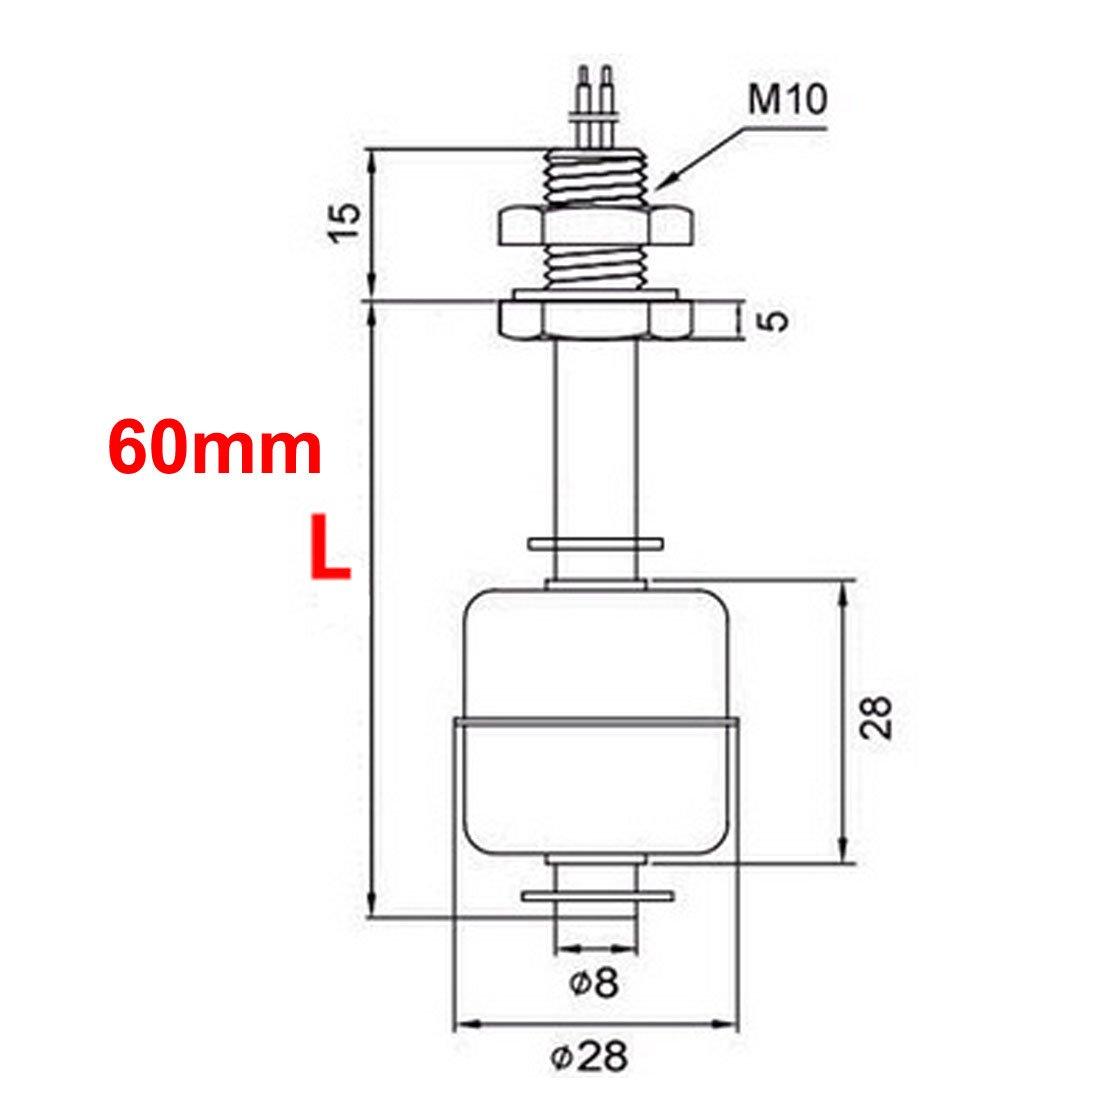 aexit DC100 V 60 mm de nivel de agua sensor Acero Inoxidable Interruptor de flotador Depósito líquido: Amazon.es: Bricolaje y herramientas